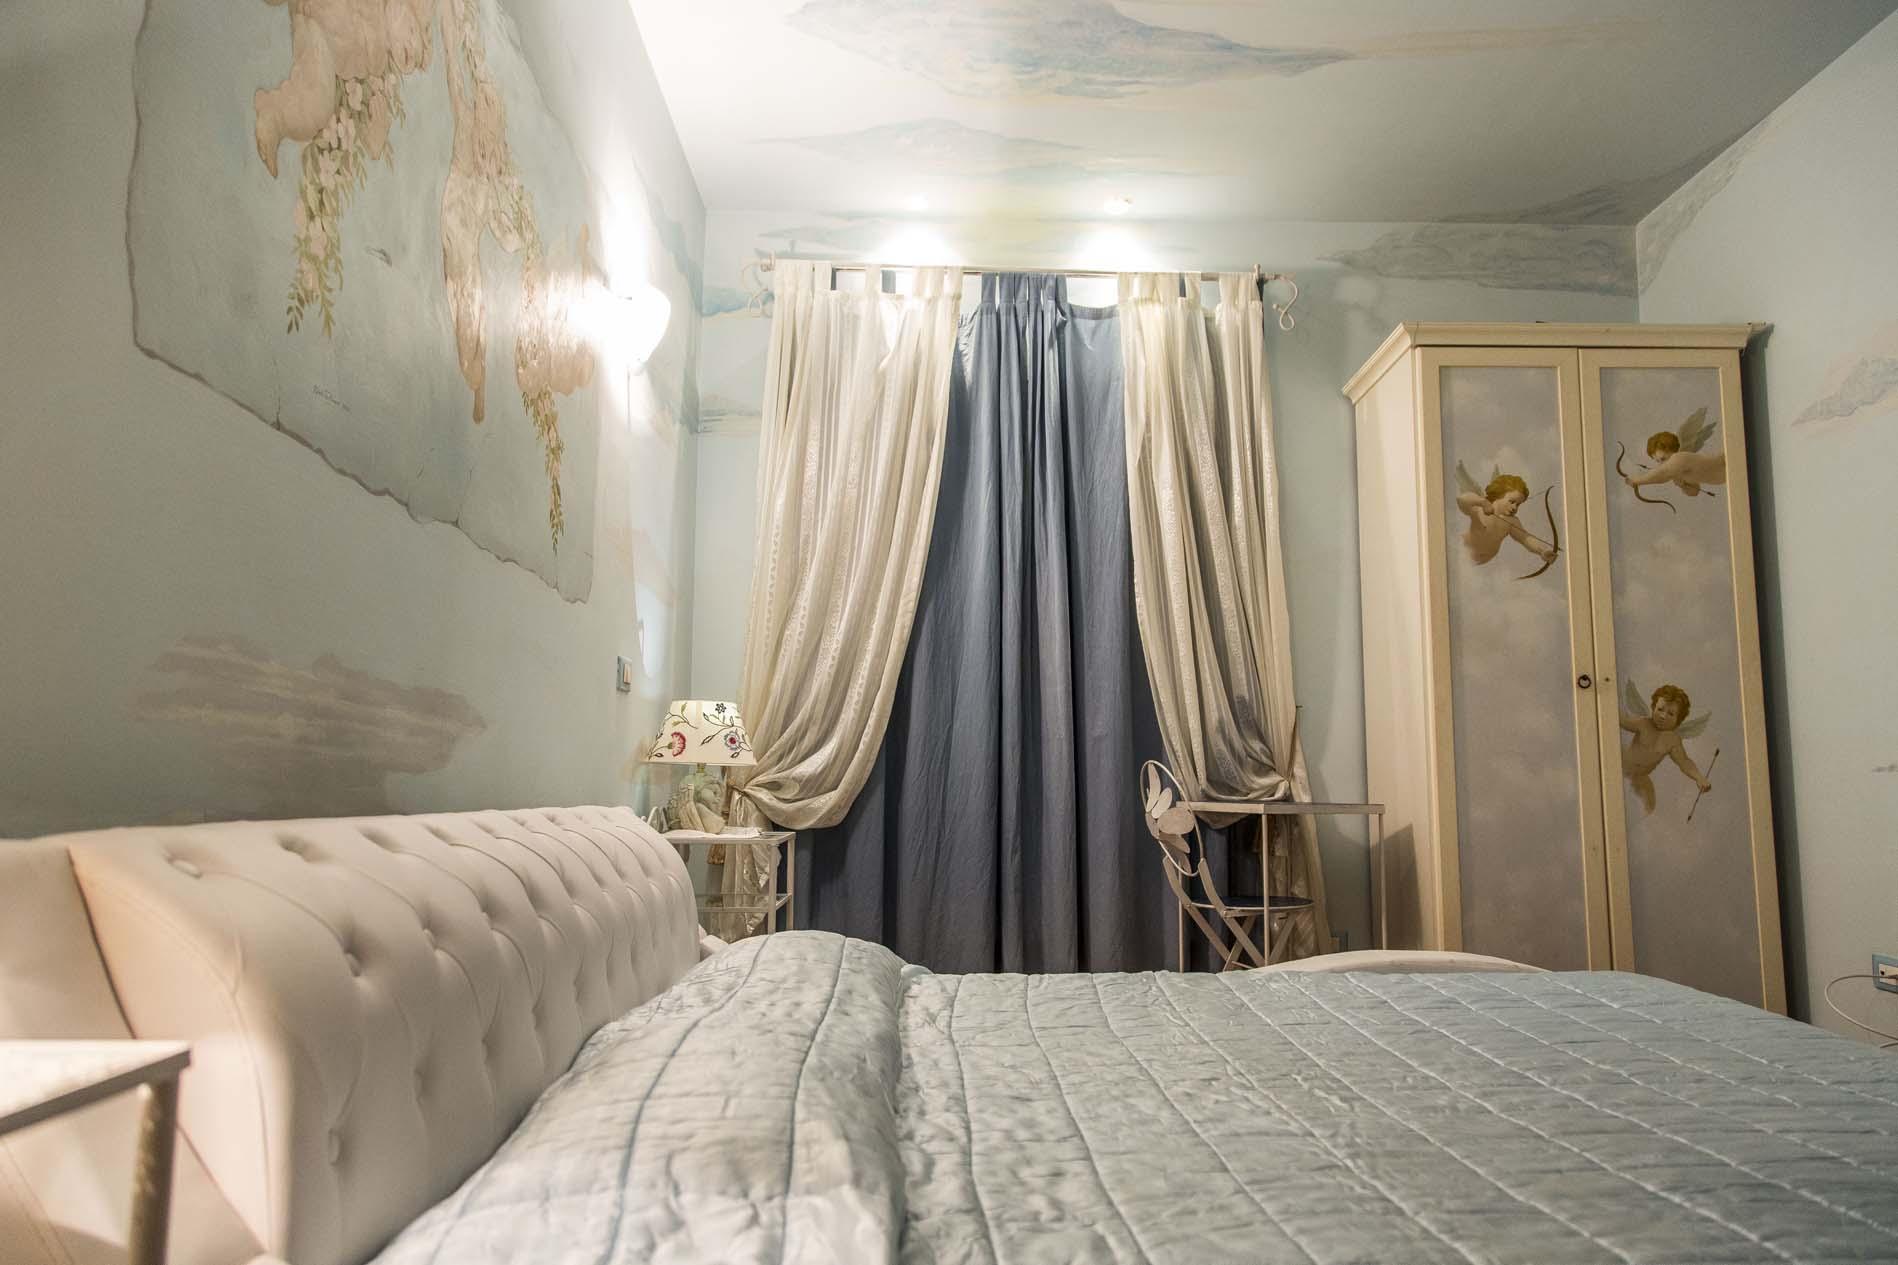 paradiso- Bed & Breakfast a Tivoli